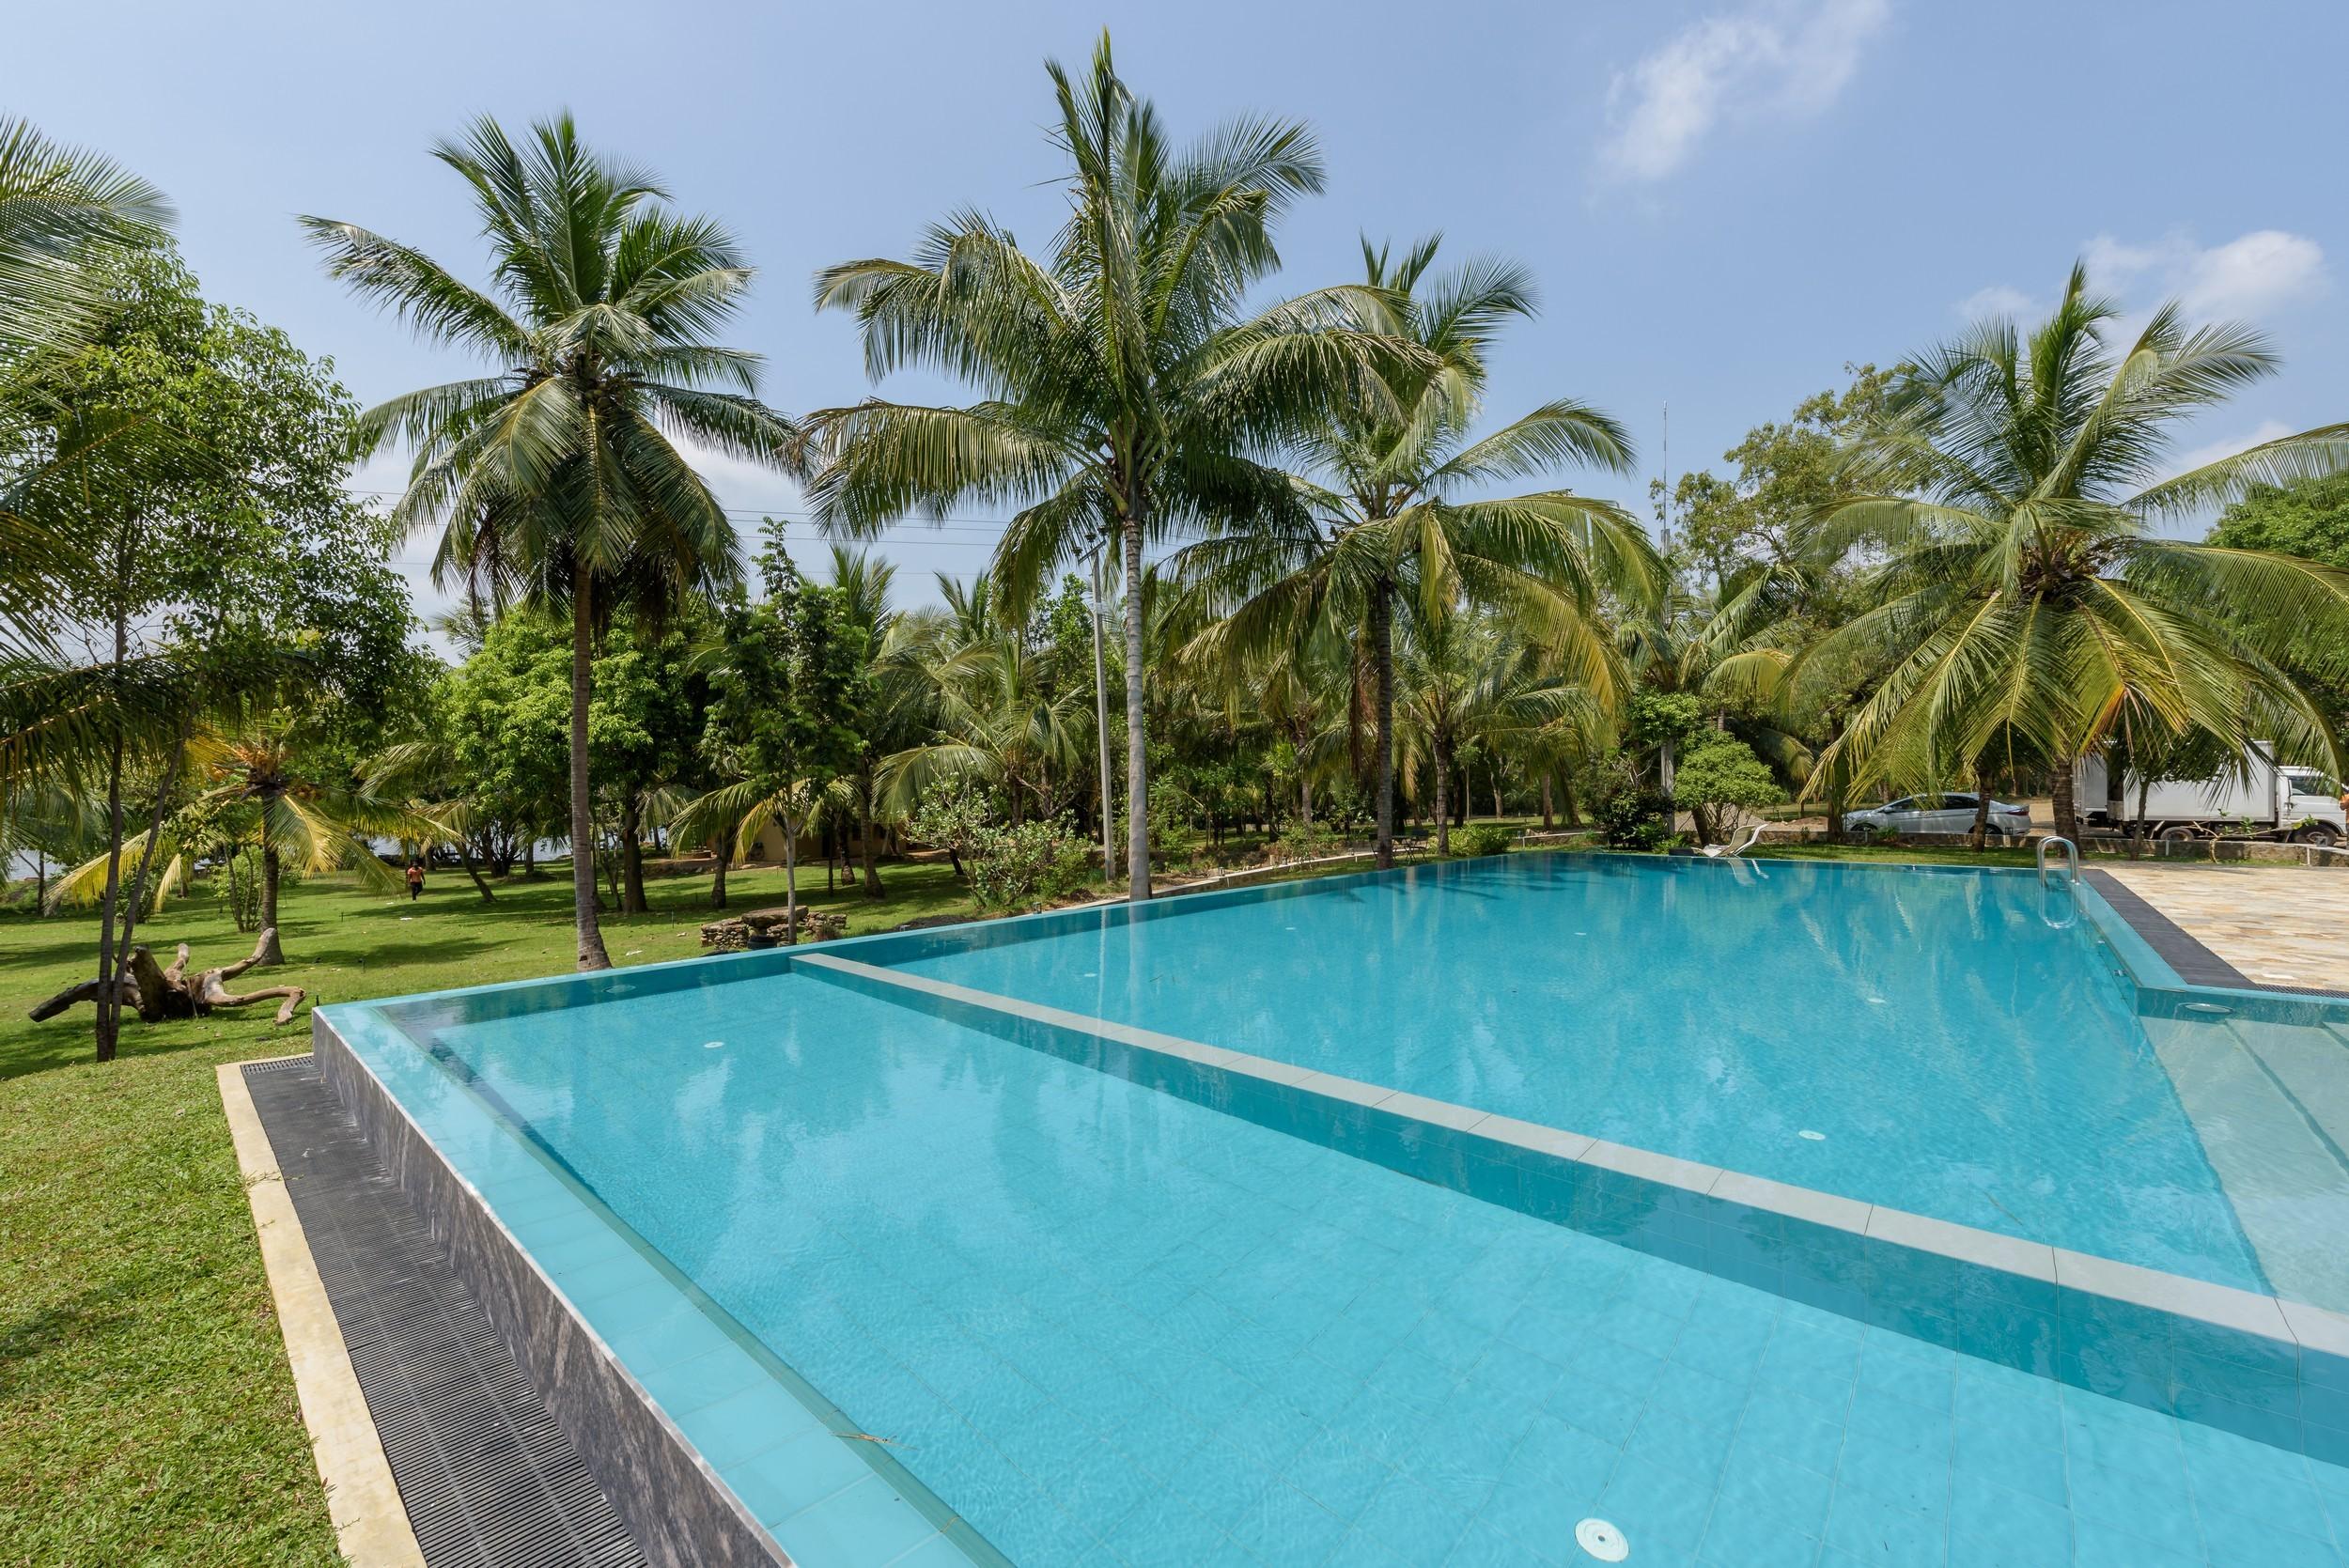 Thuduwa Camp Pool Area